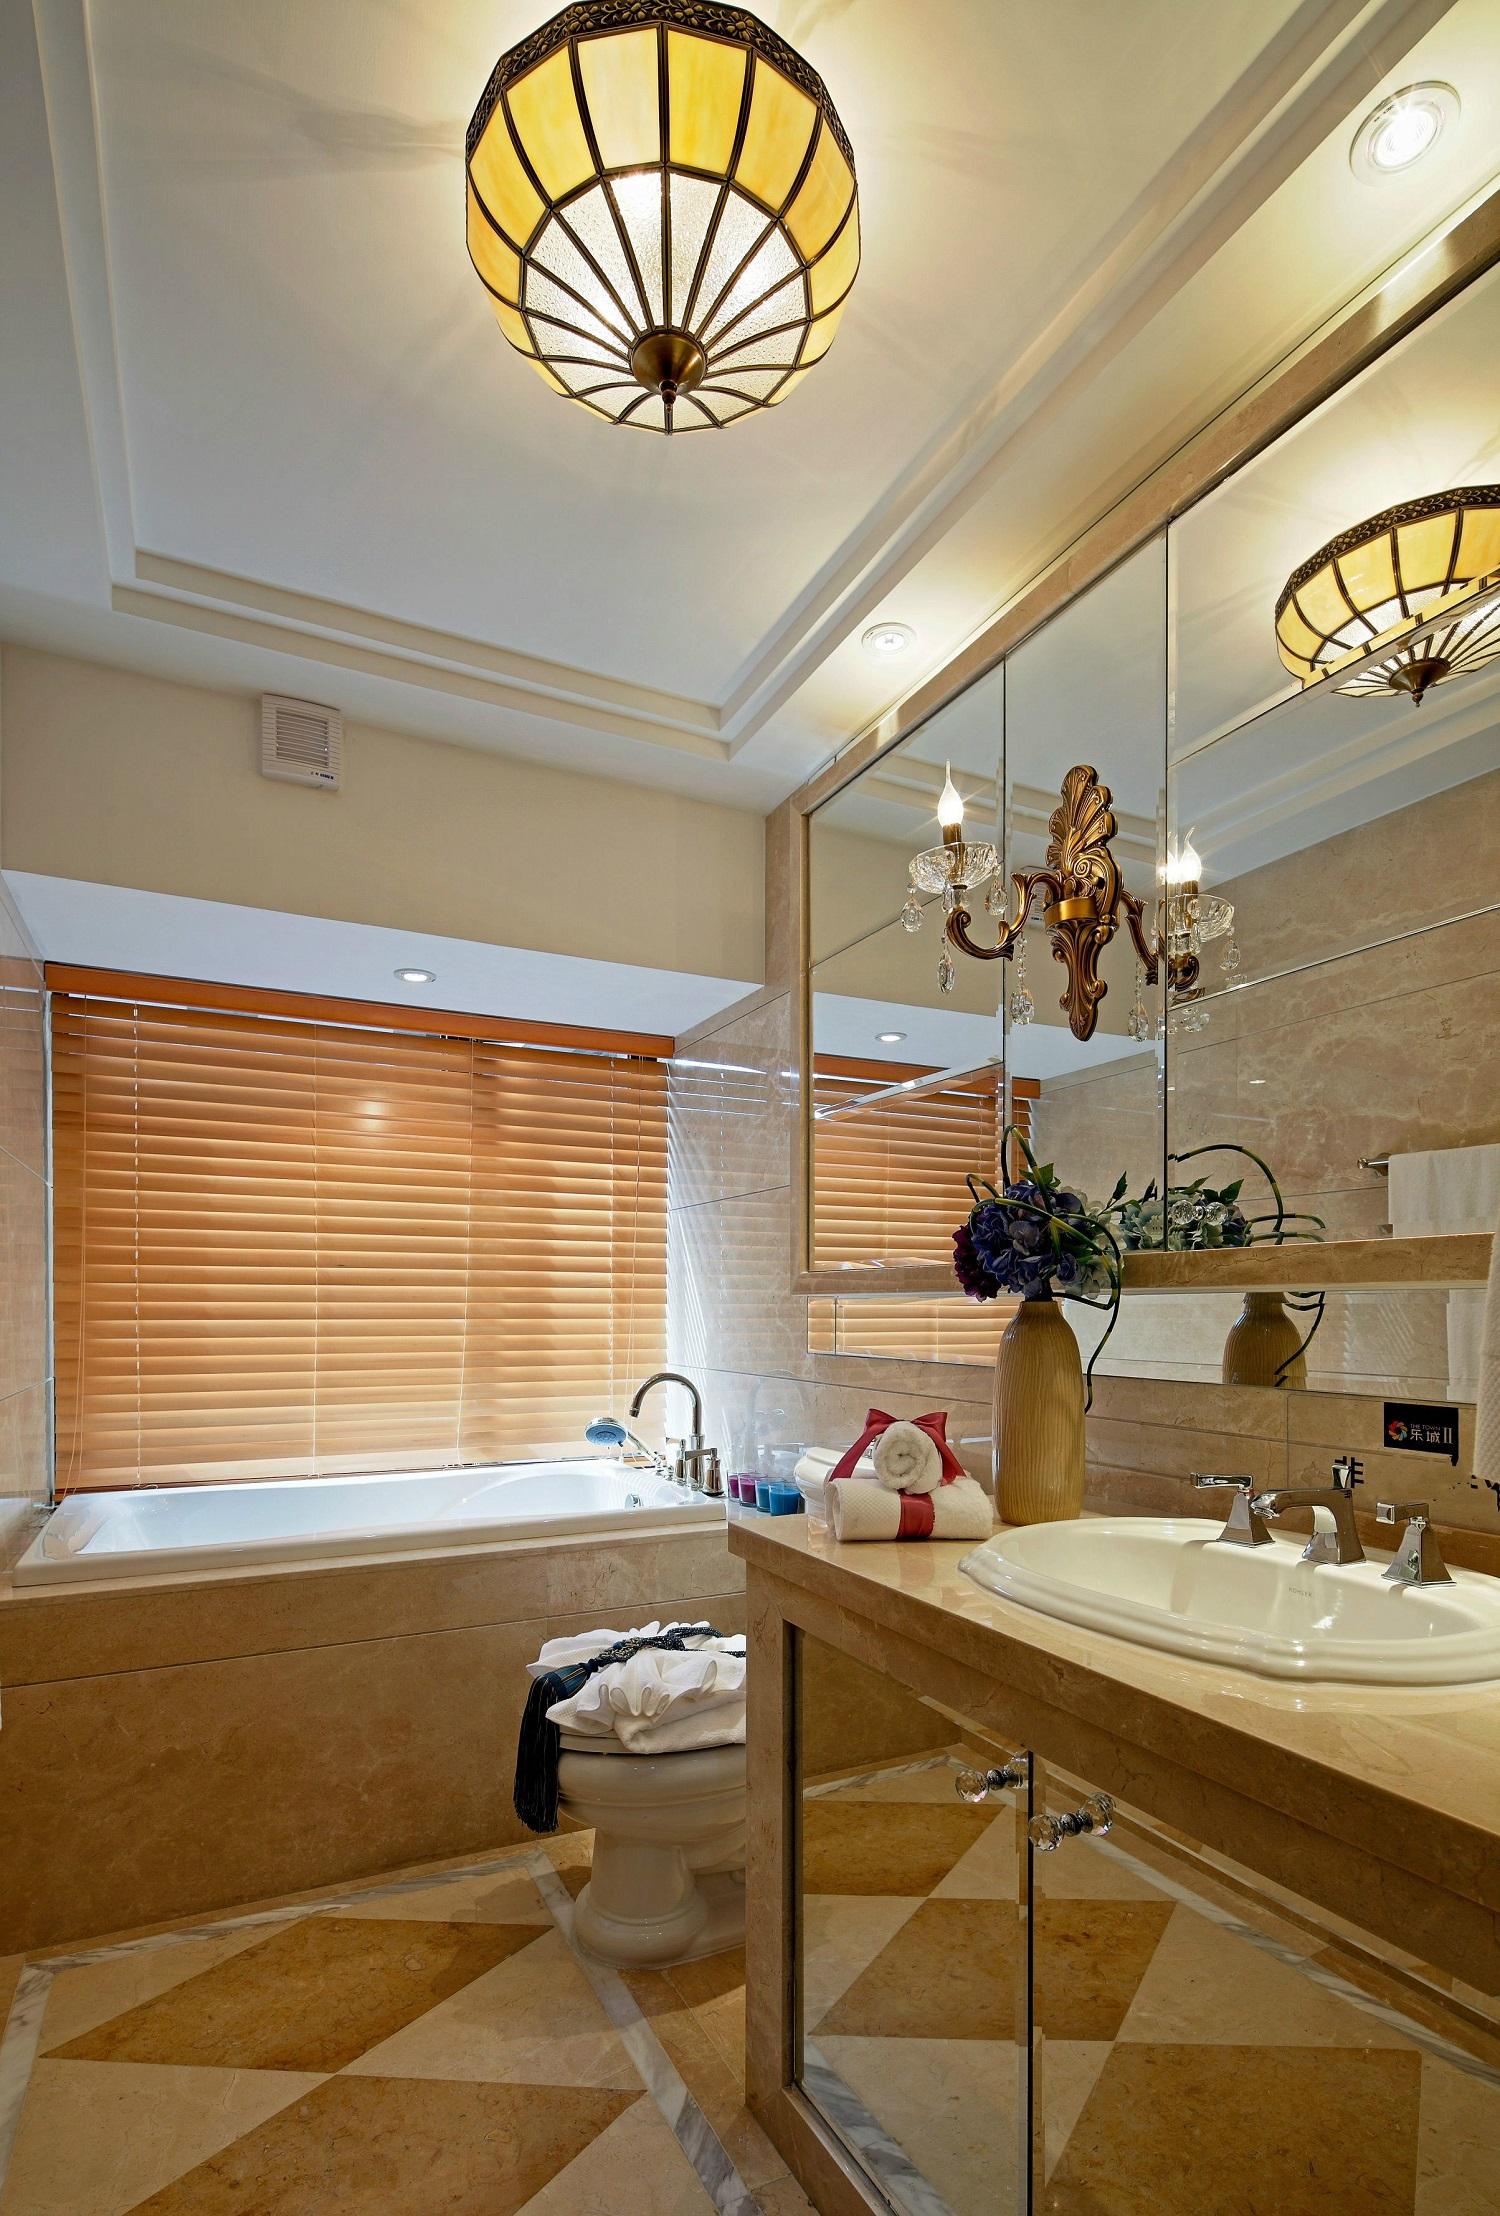 卫生间放进了女主人最爱的浴缸,泡一个舒适的澡澡沐浴在阳光下,尽显温馨感。